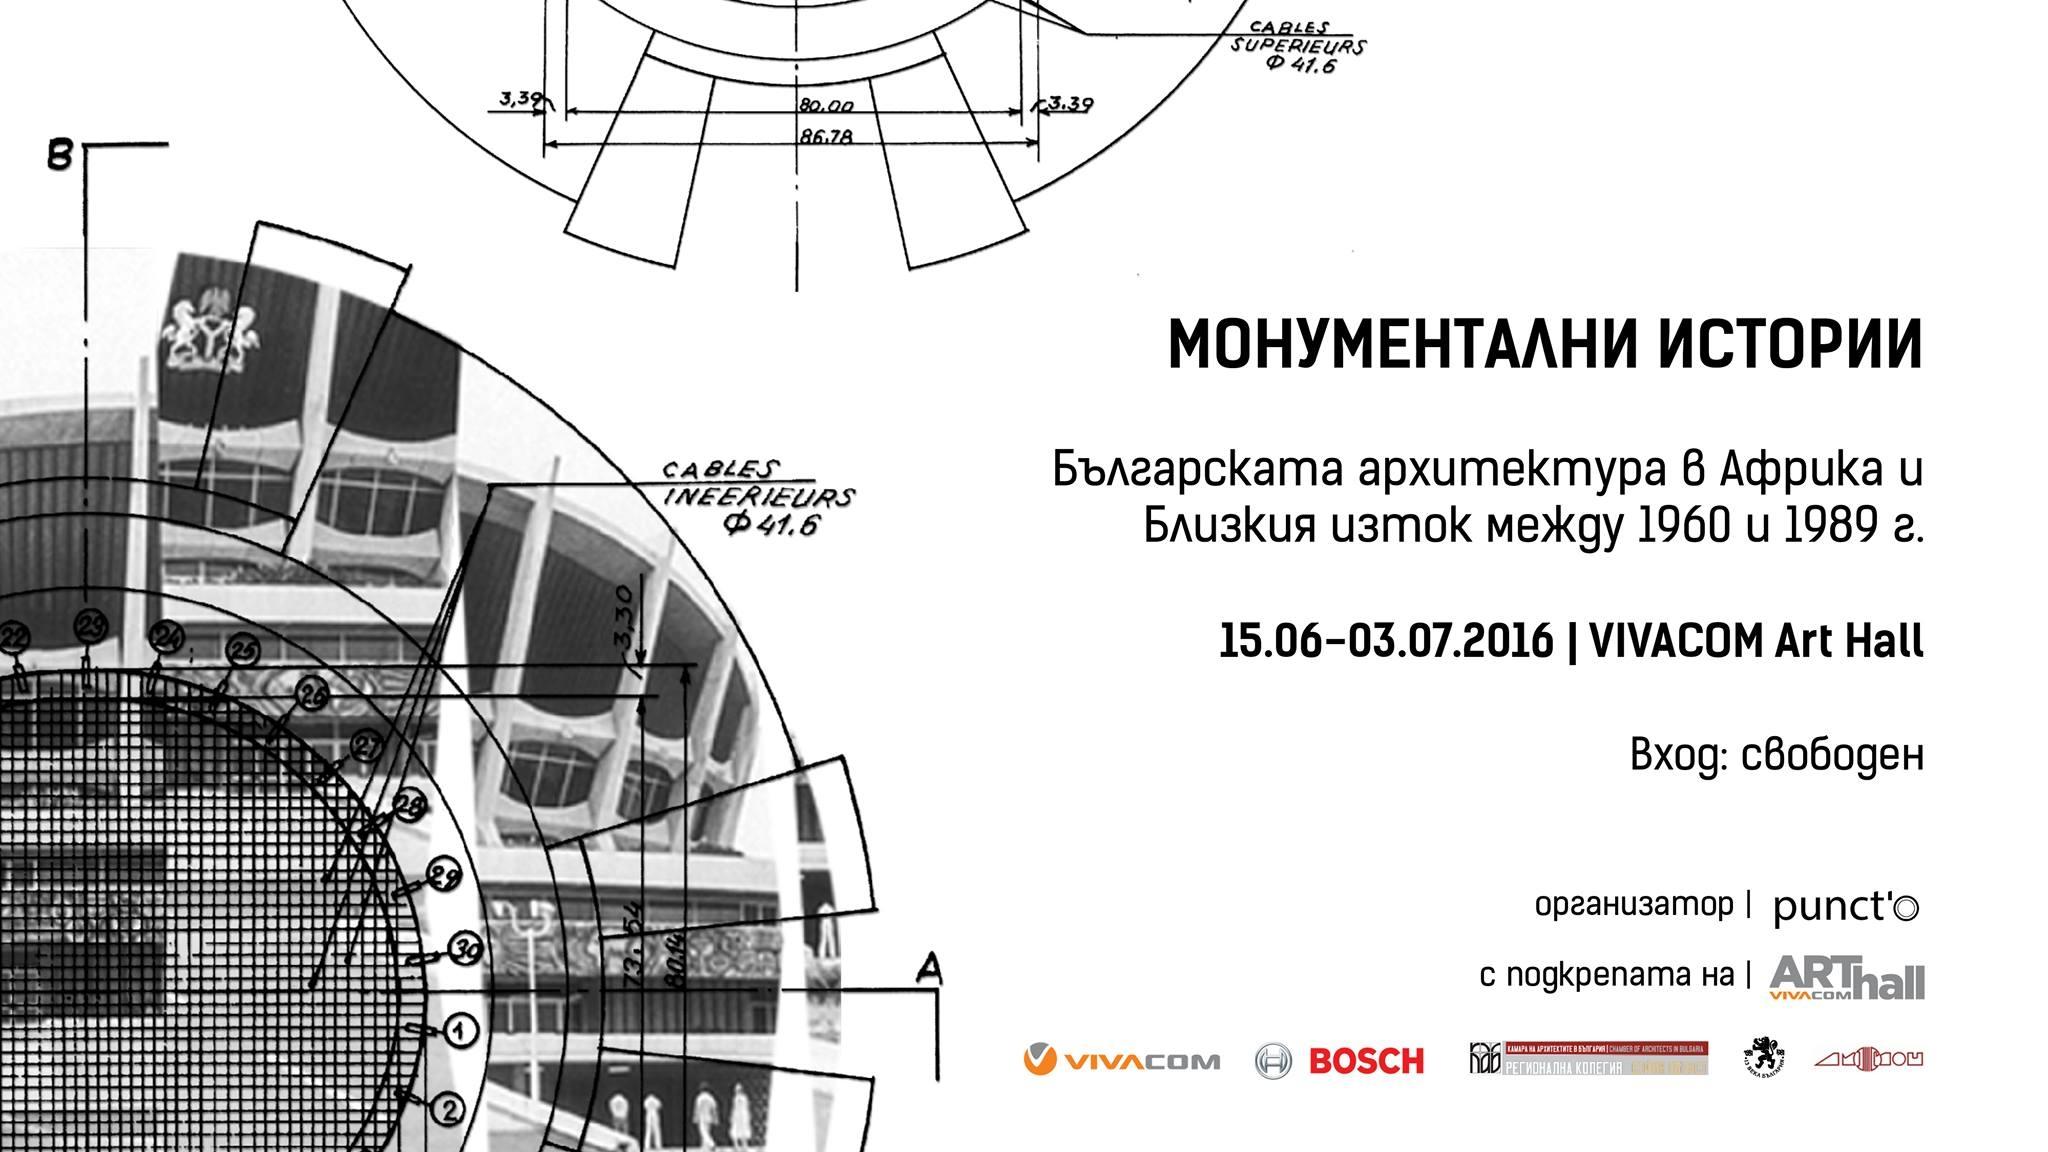 Изложба представя проекти на български архитекти и инженери, работили в Африка и Близкия изток